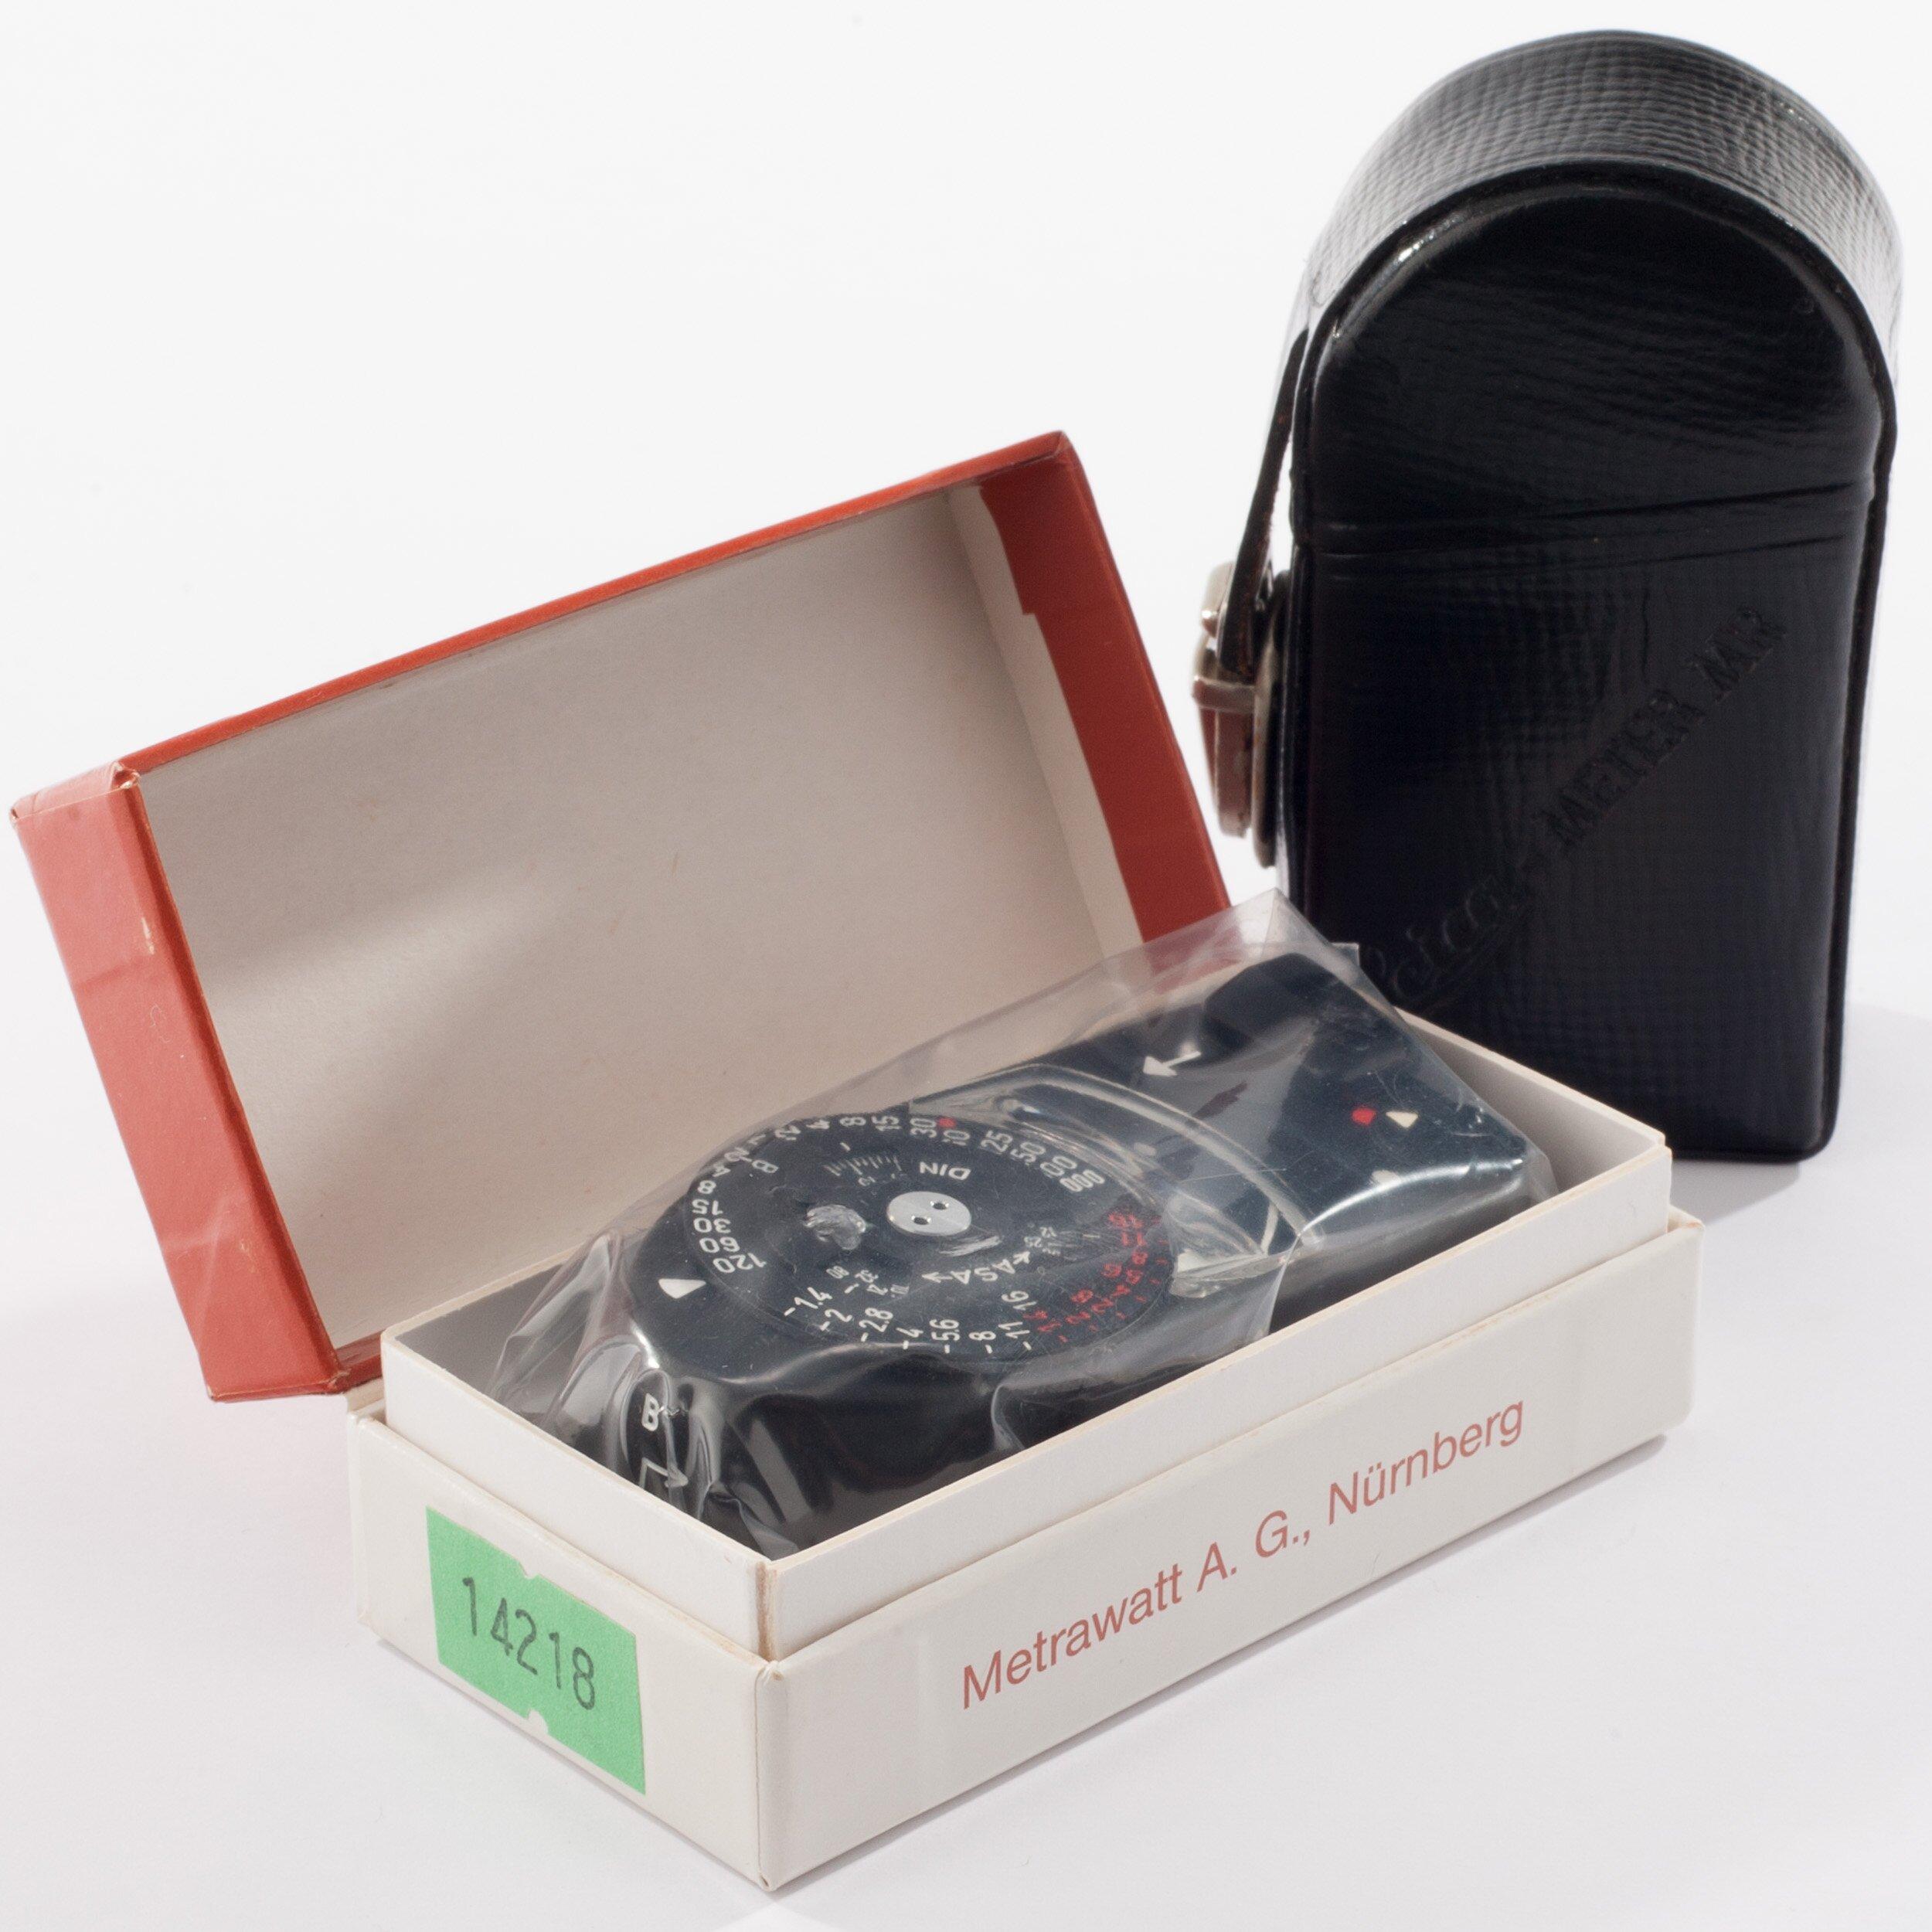 Leica Meter MR schwarz 14218 Neuware !